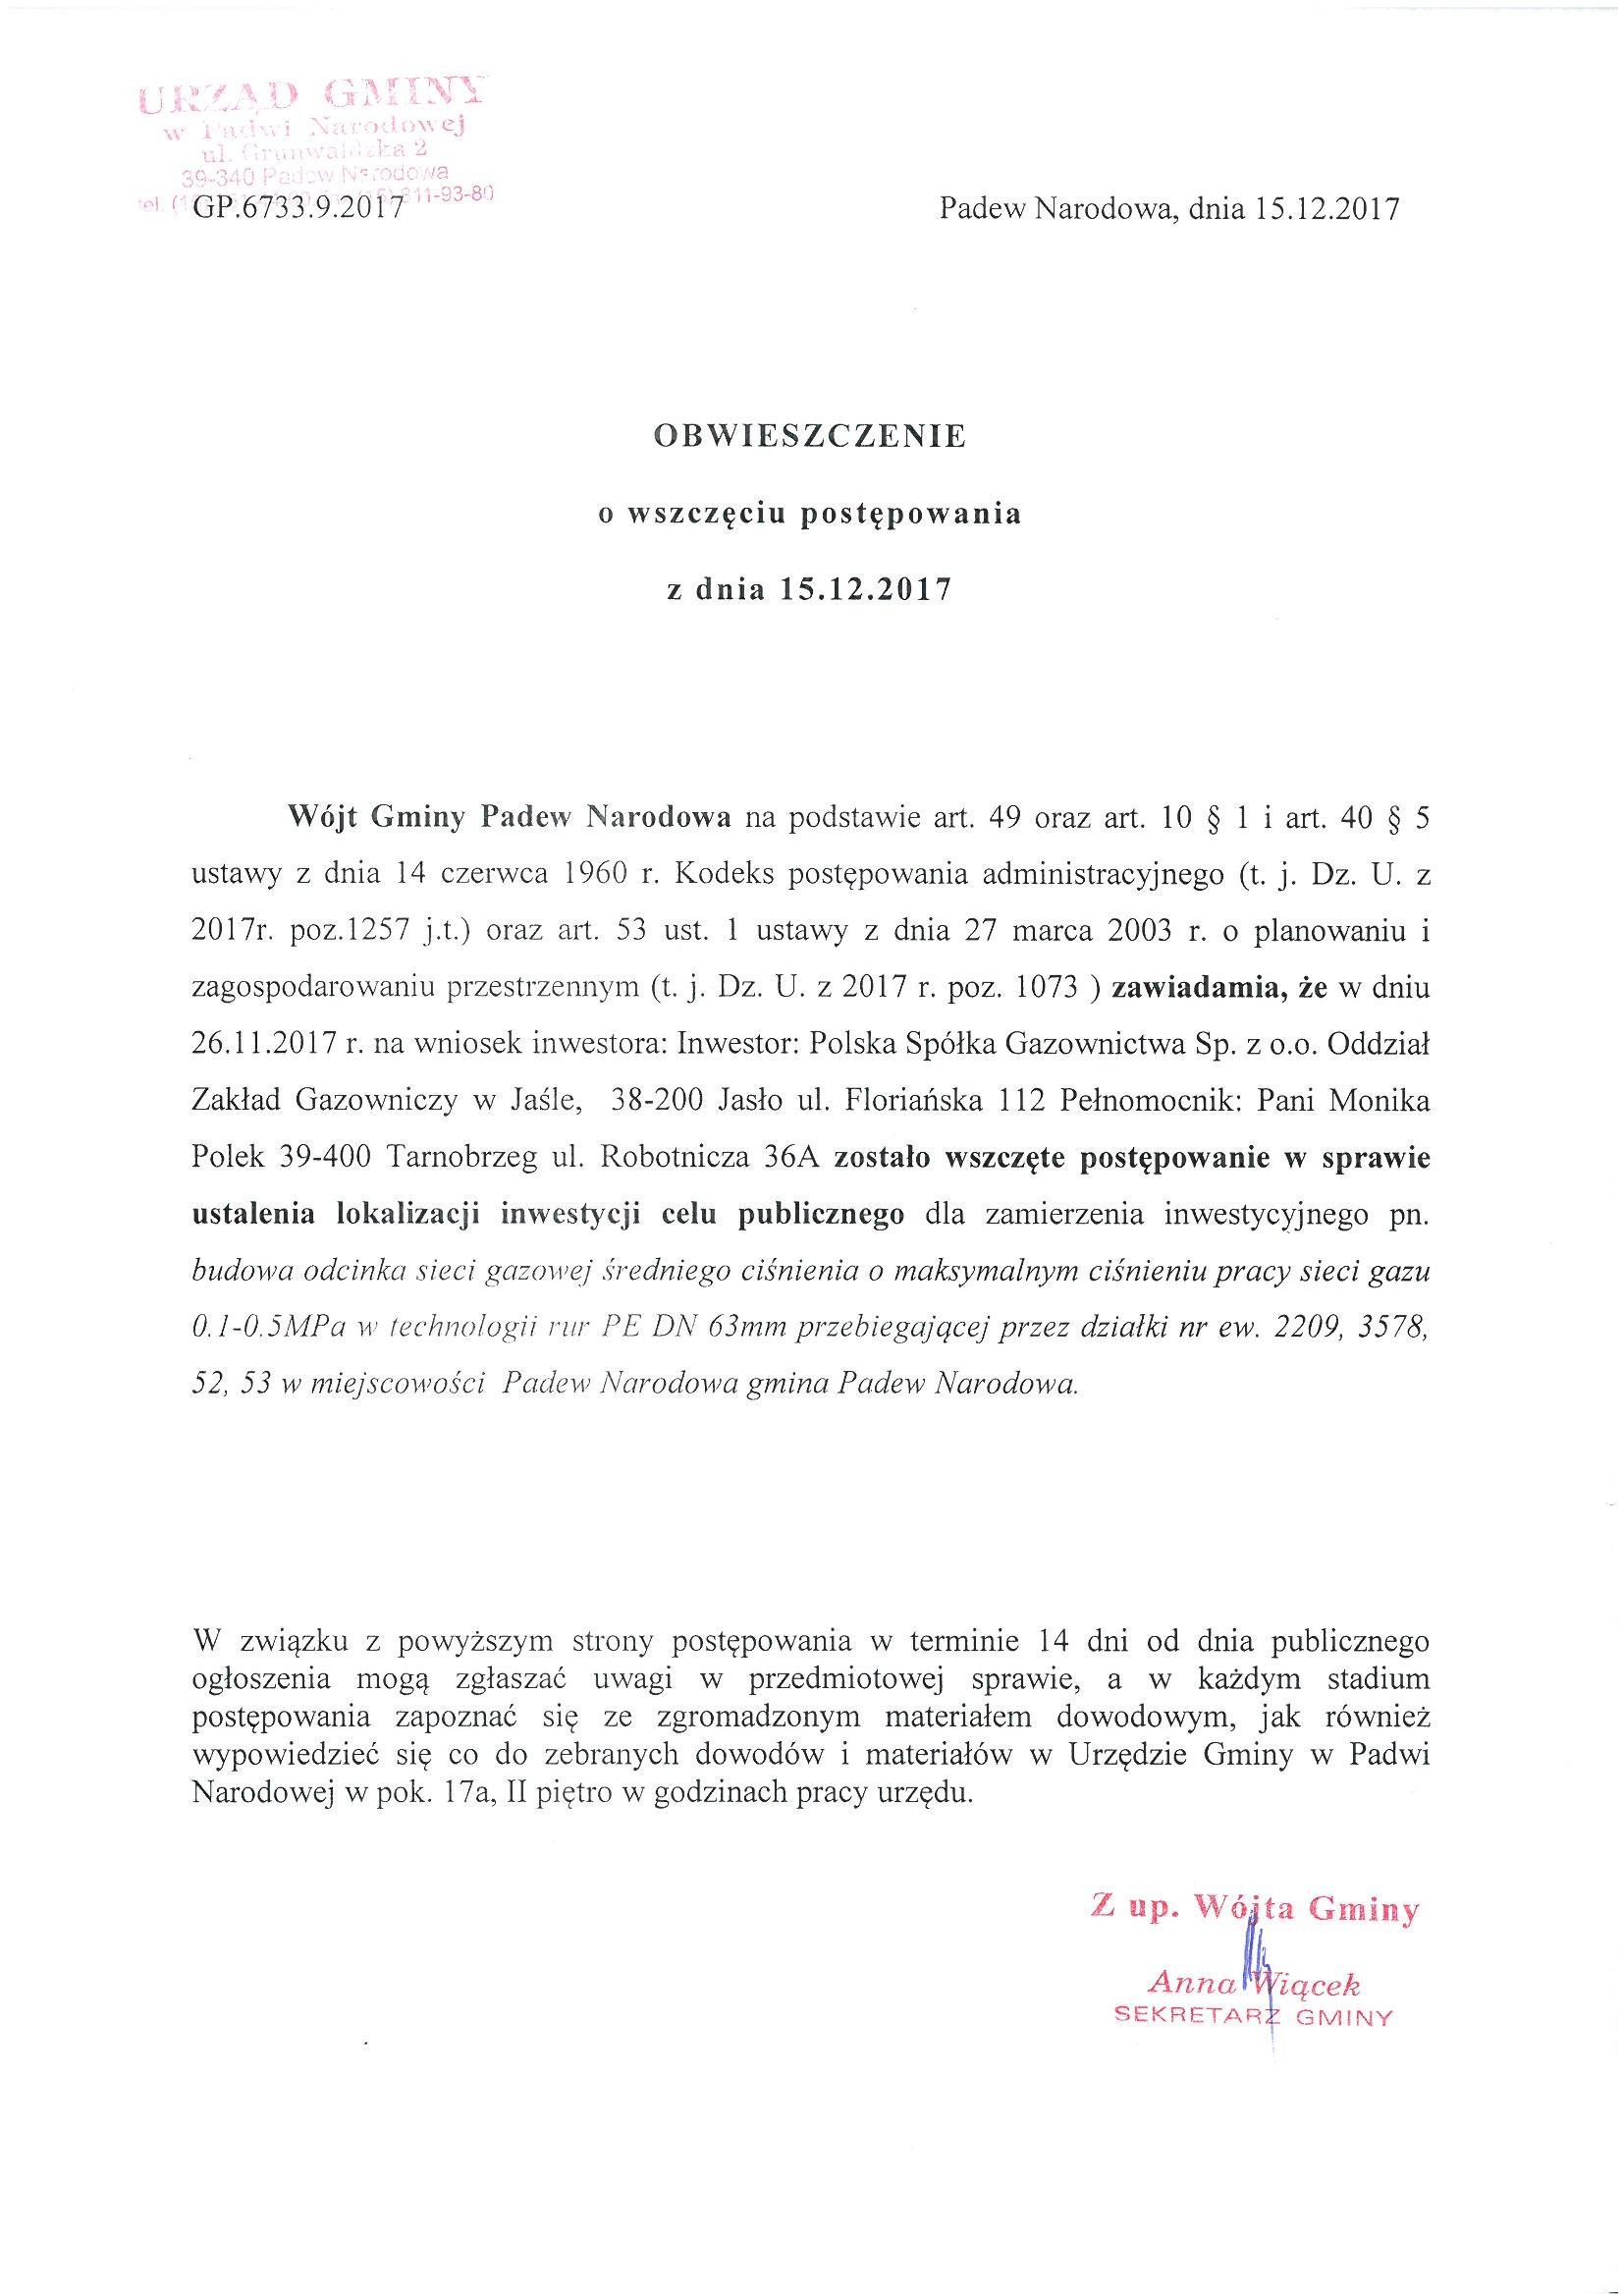 ---- 2 obwieszczenie 15.12. 2017.jpg